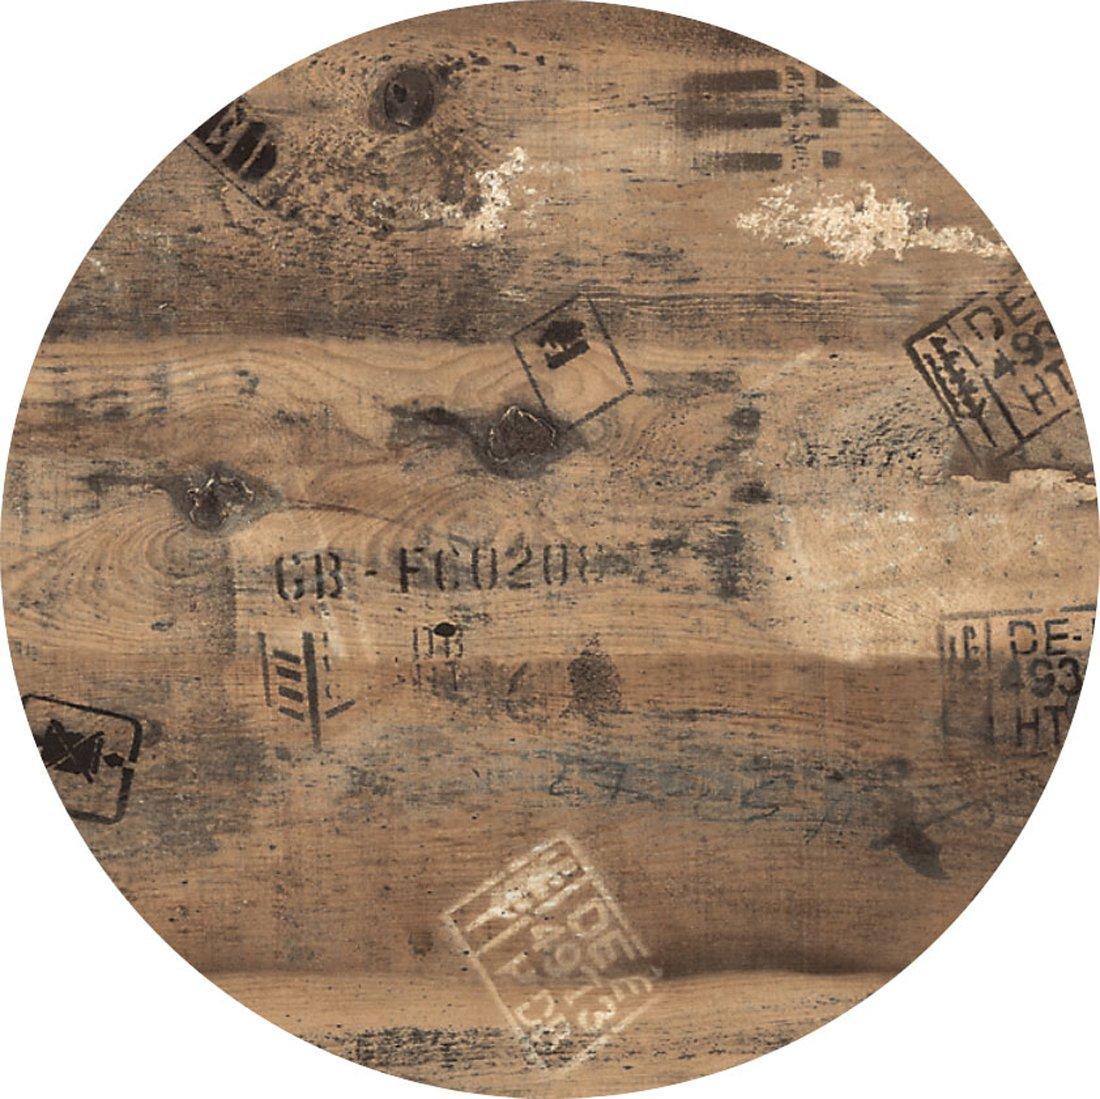 Werzalit / hochwertige Tischplatte / Ex works / runde Form 70 cm / Bistrotisch / Bistrotische / Gartentisch / Gastronomie günstig kaufen